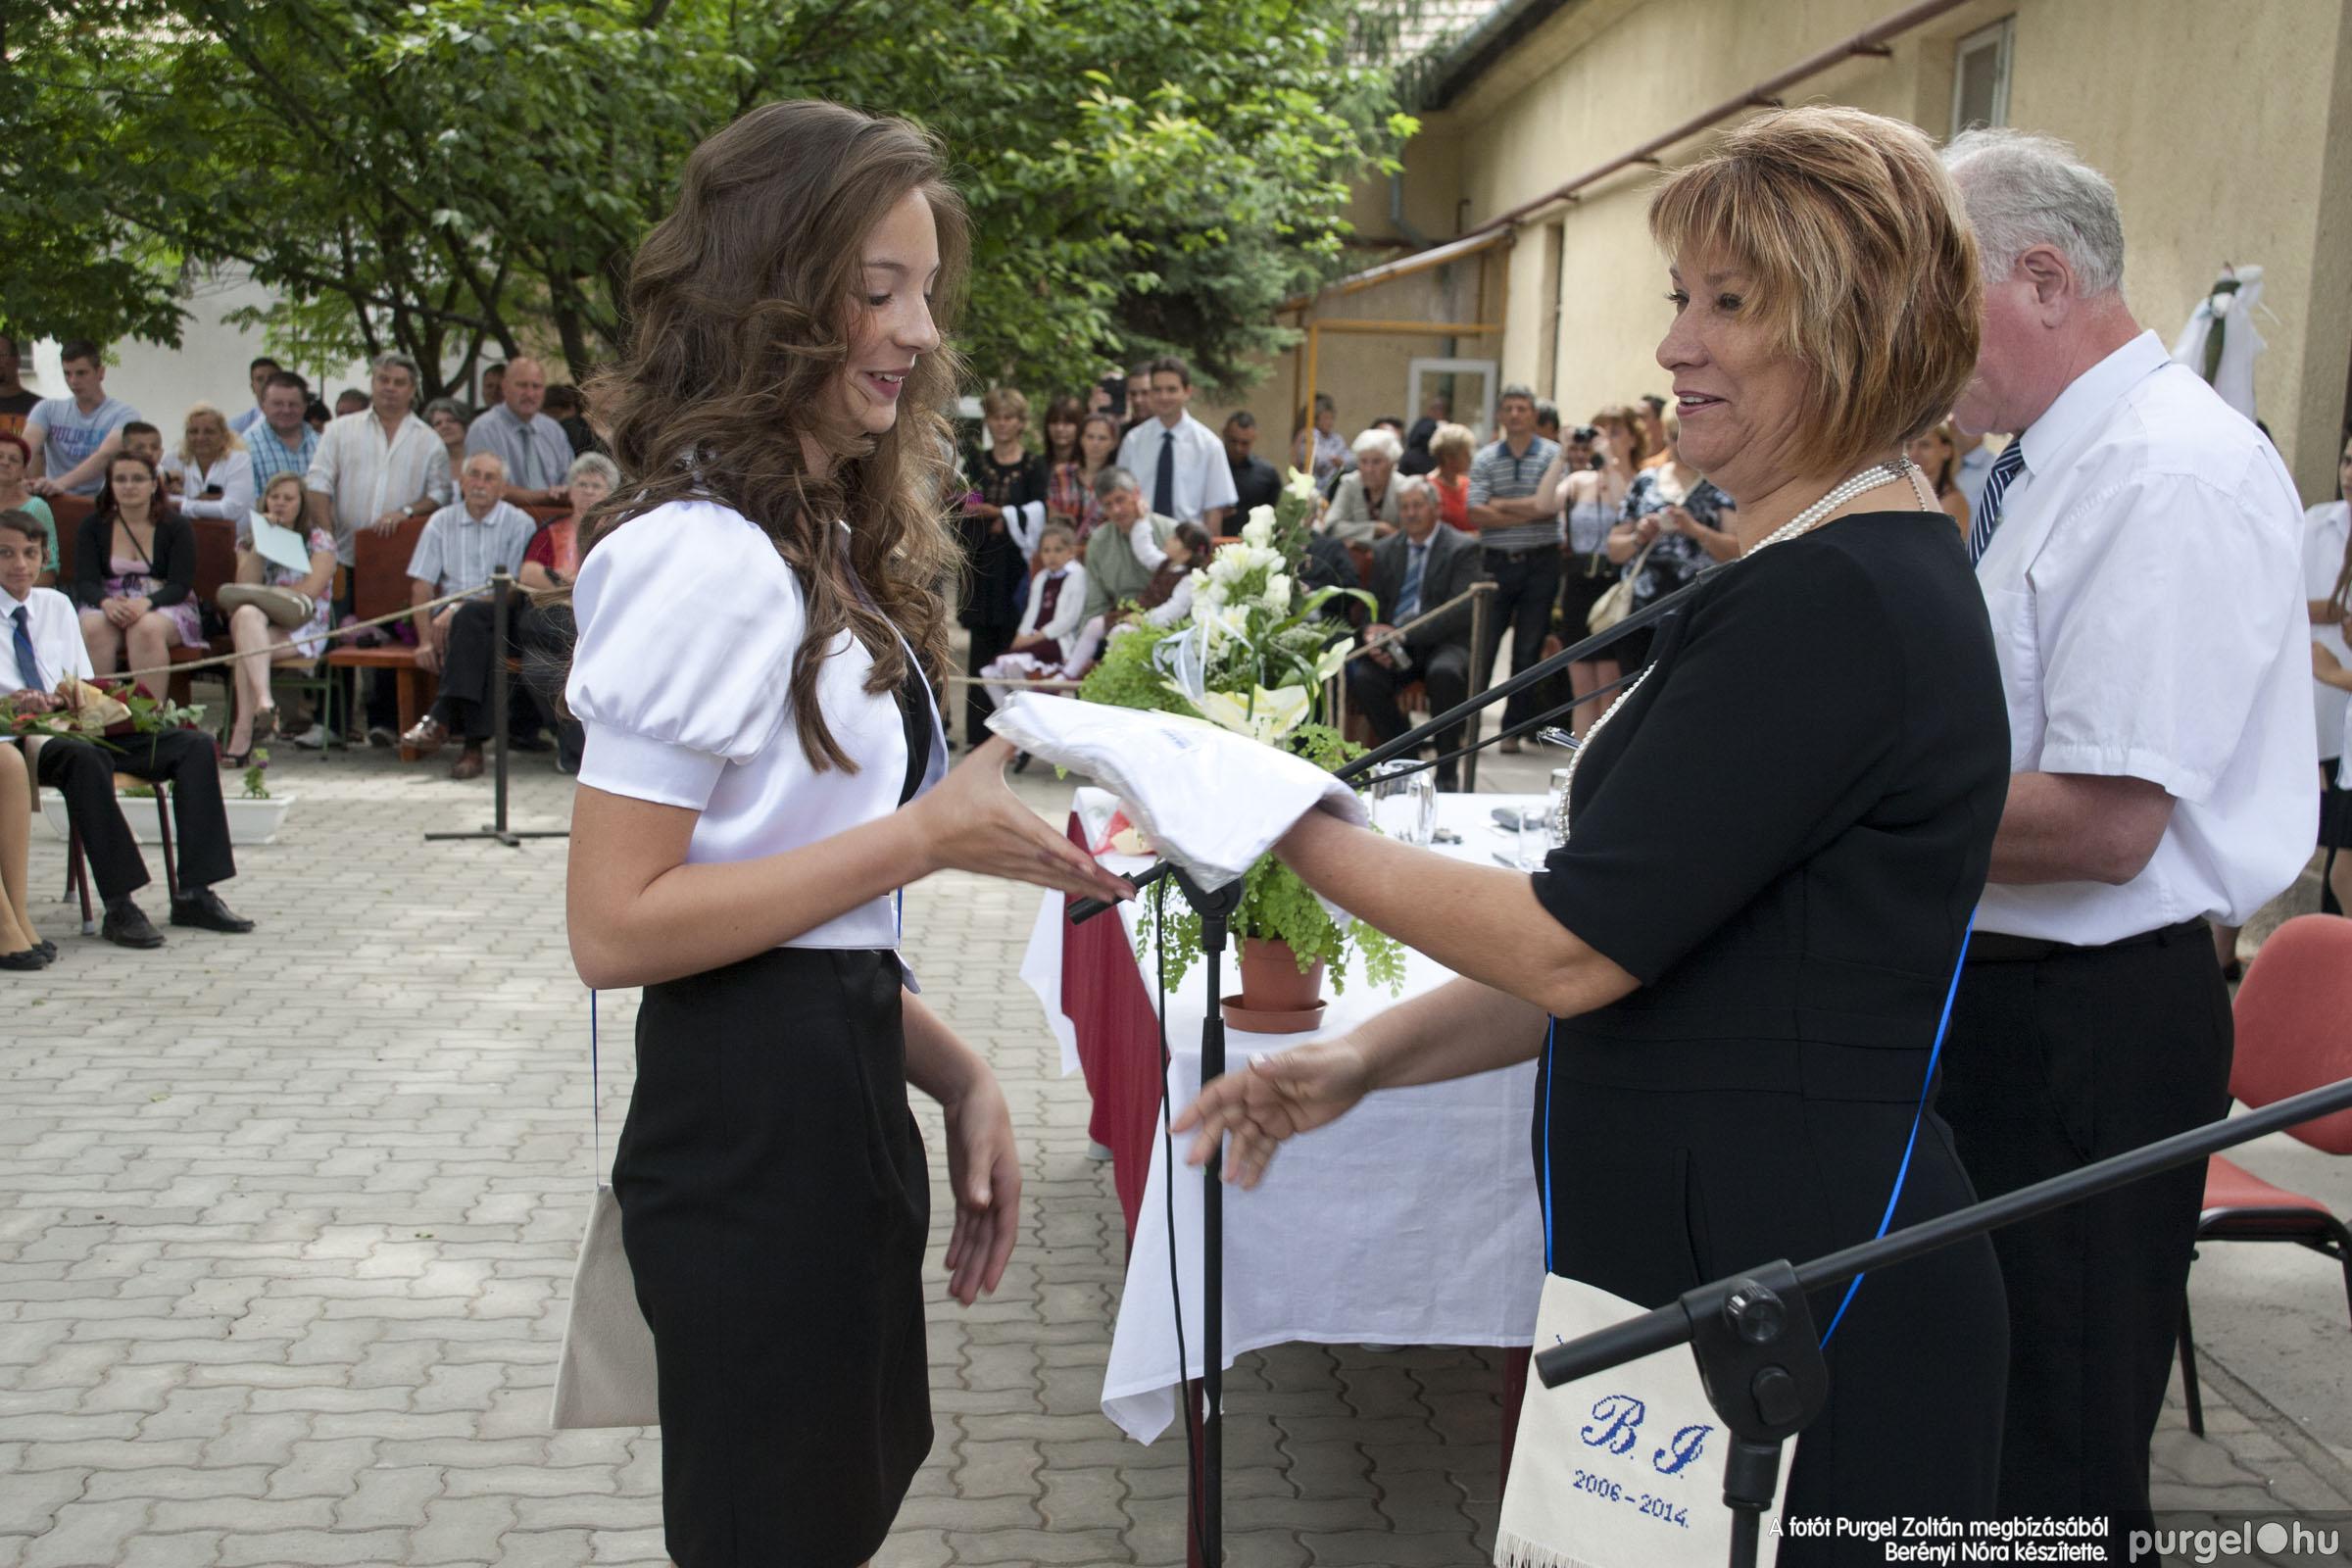 2014.06.14. 312 Forray Máté Általános Iskola ballagás 2014. - Fotó:BERÉNYI NÓRA© _MG_6040